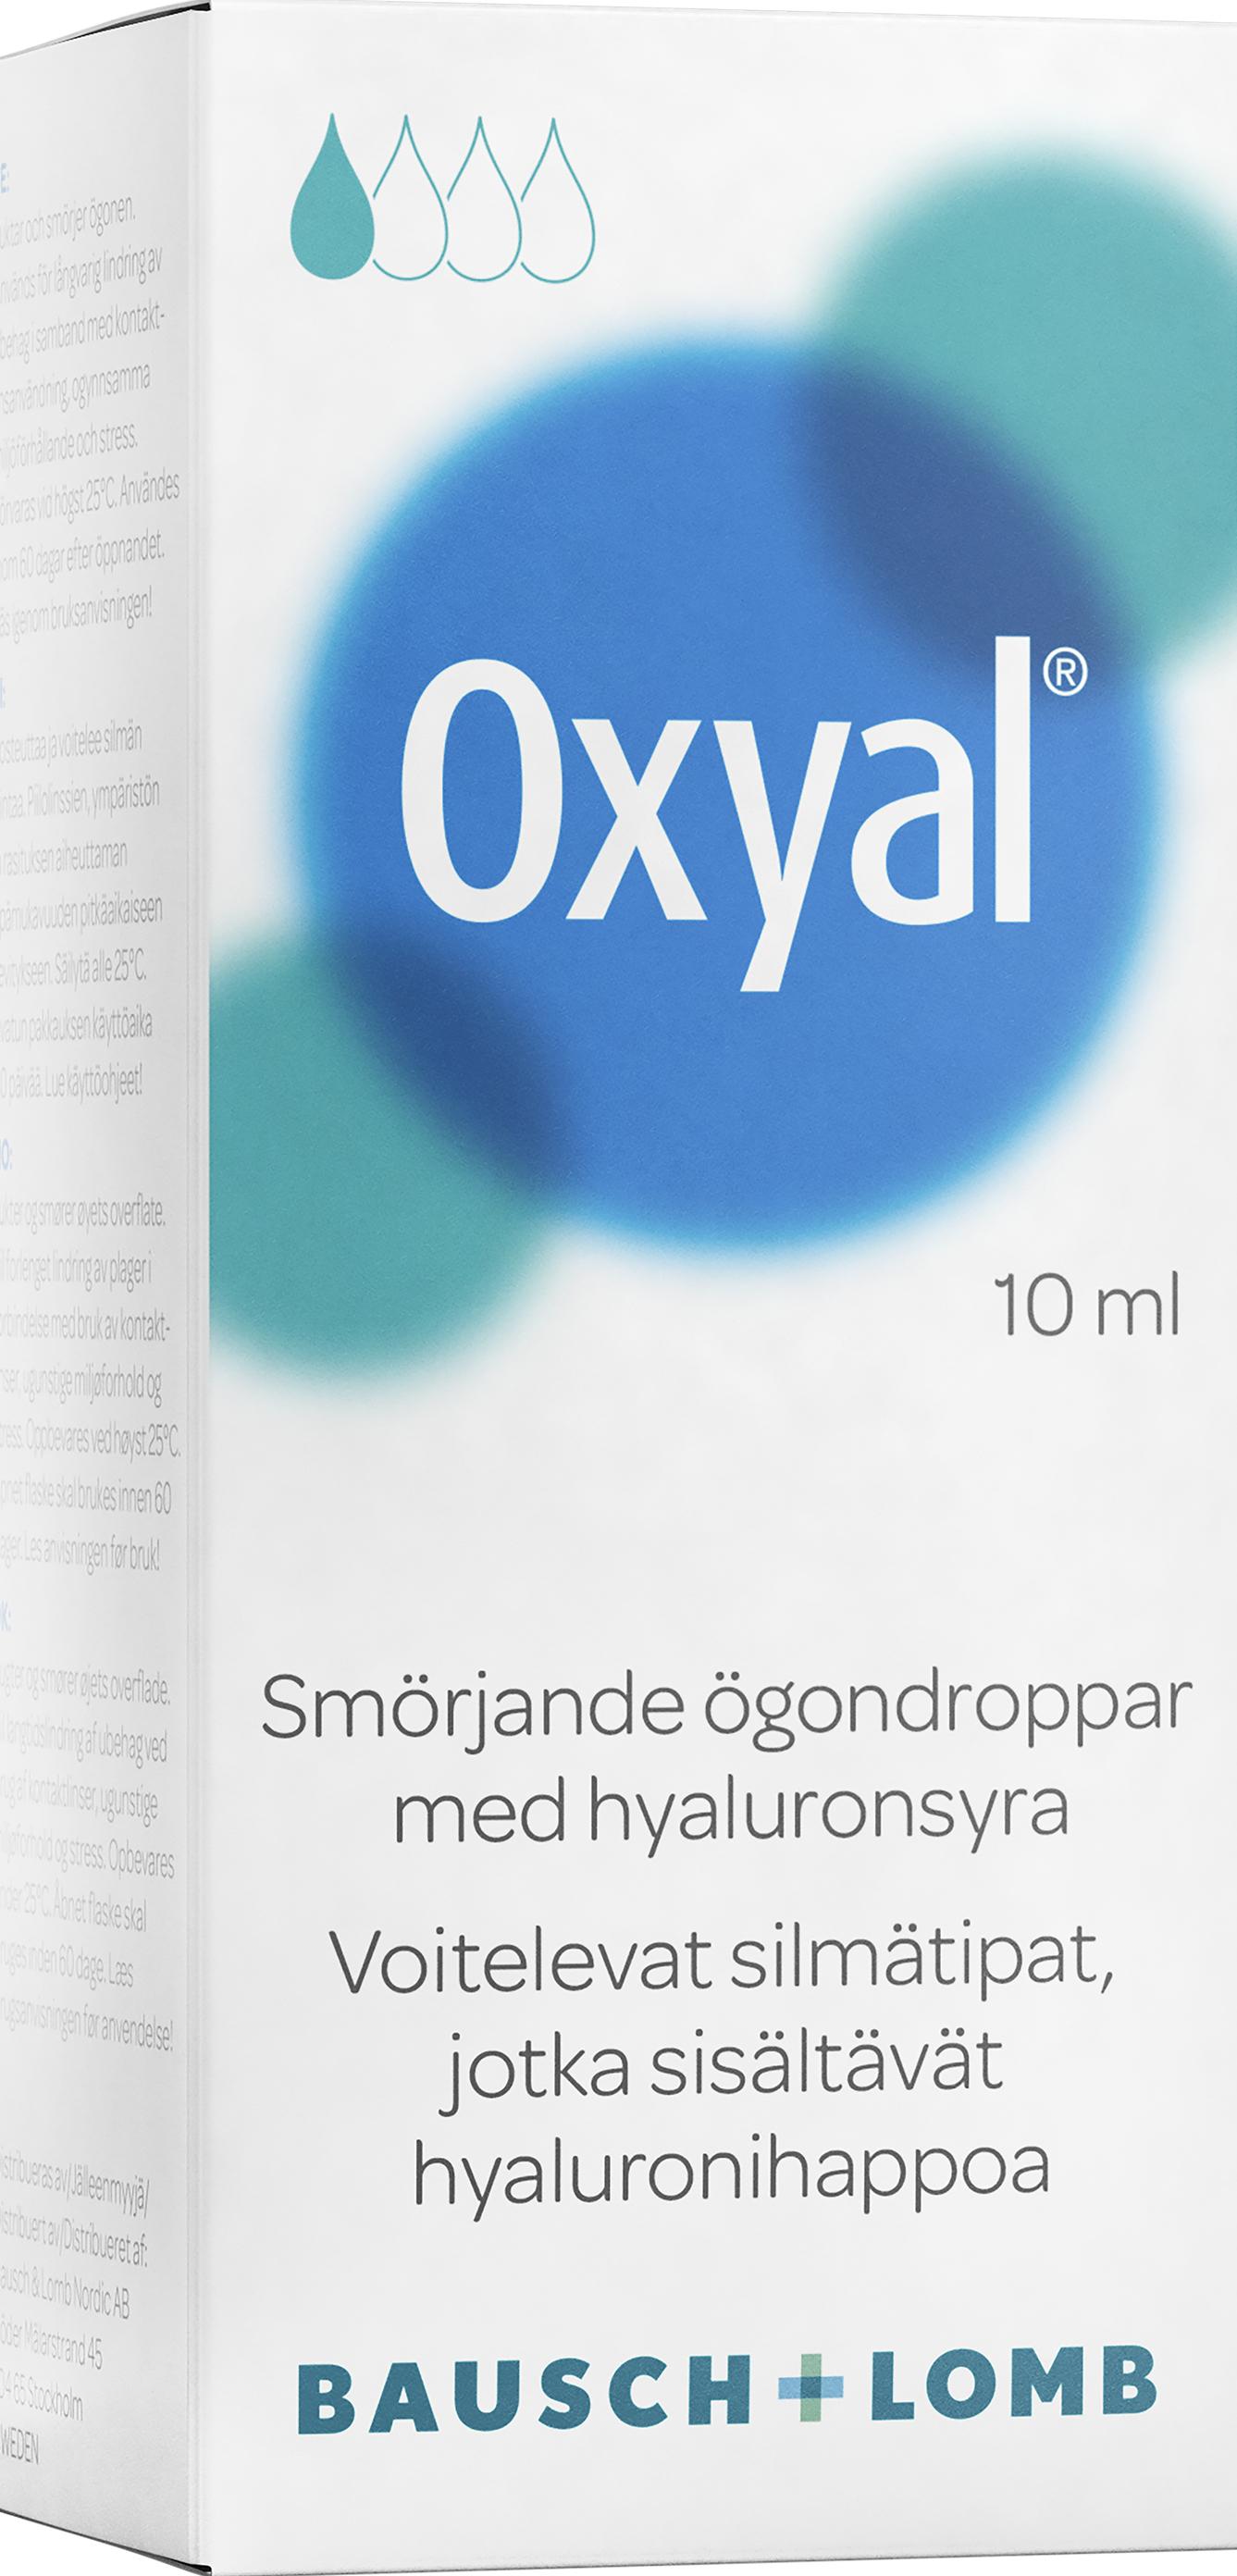 Oxyal ögondroppar 3 ml